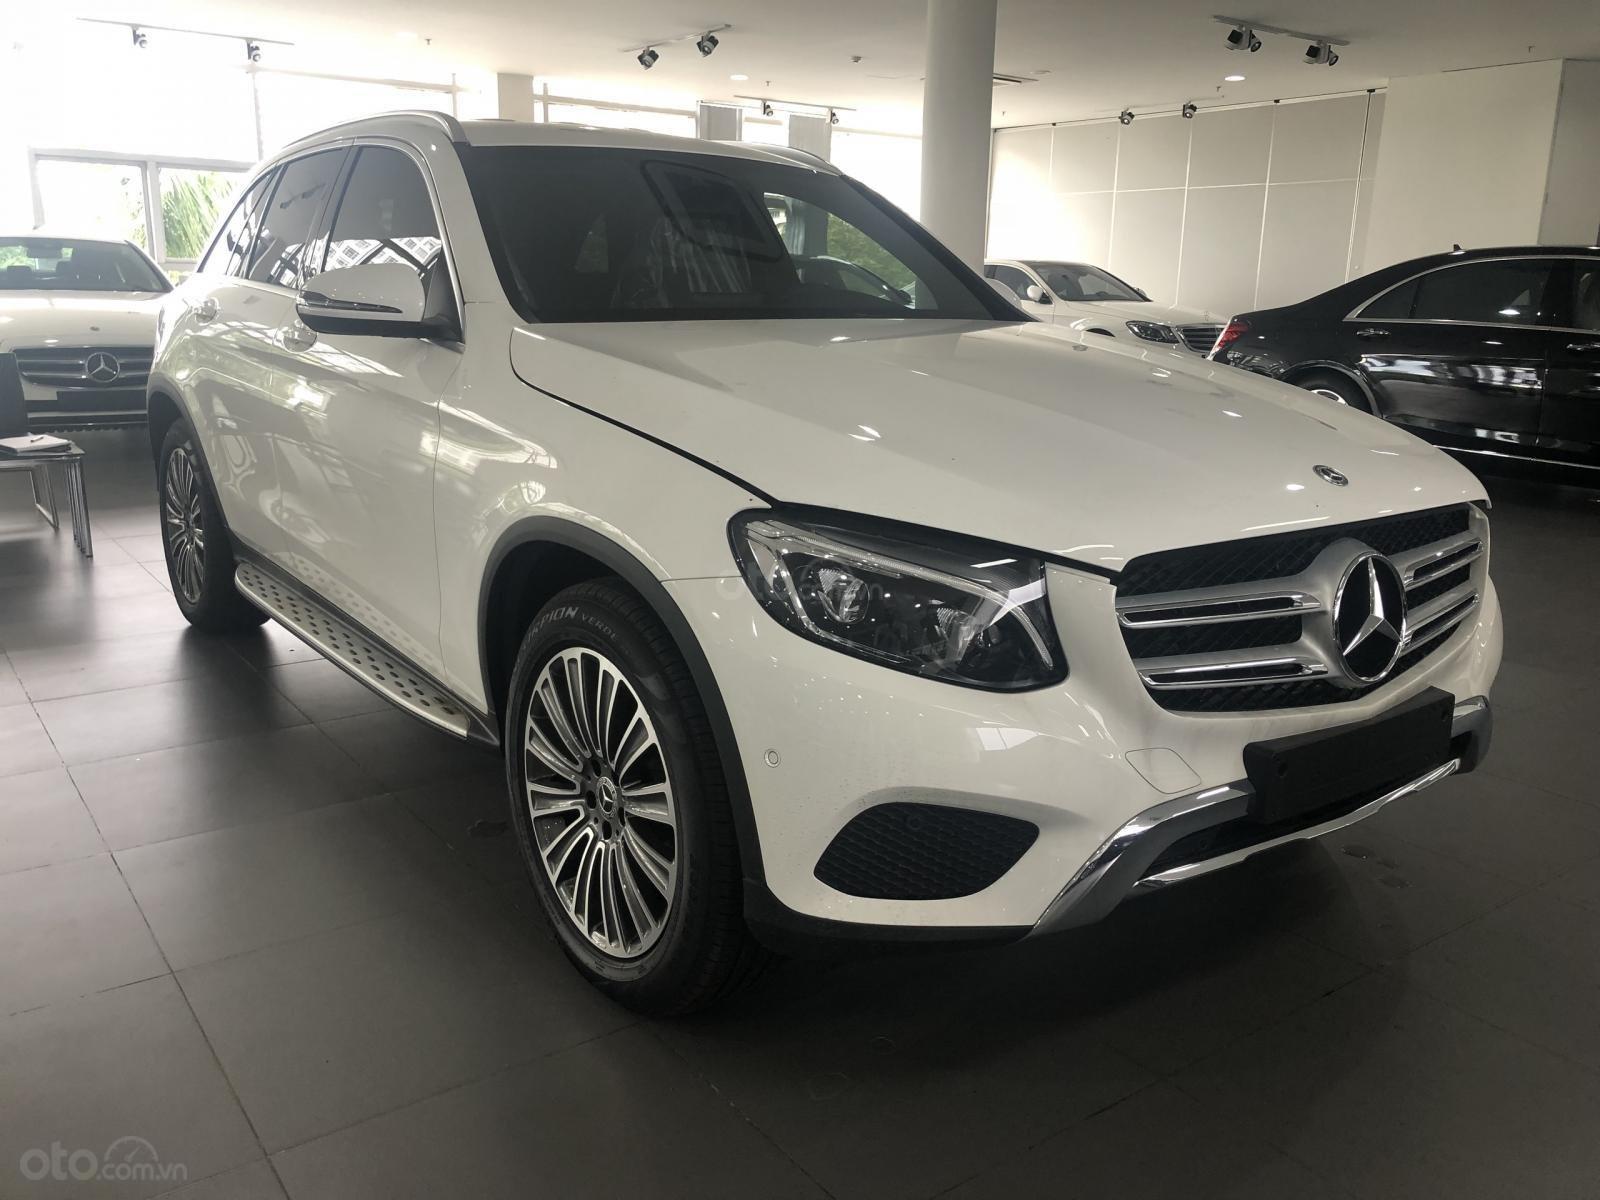 Bán Mercedes GLC250 2019 ưu đãi tốt xe giao ngay tại Mercedes Phú Mỹ Hưng (3)